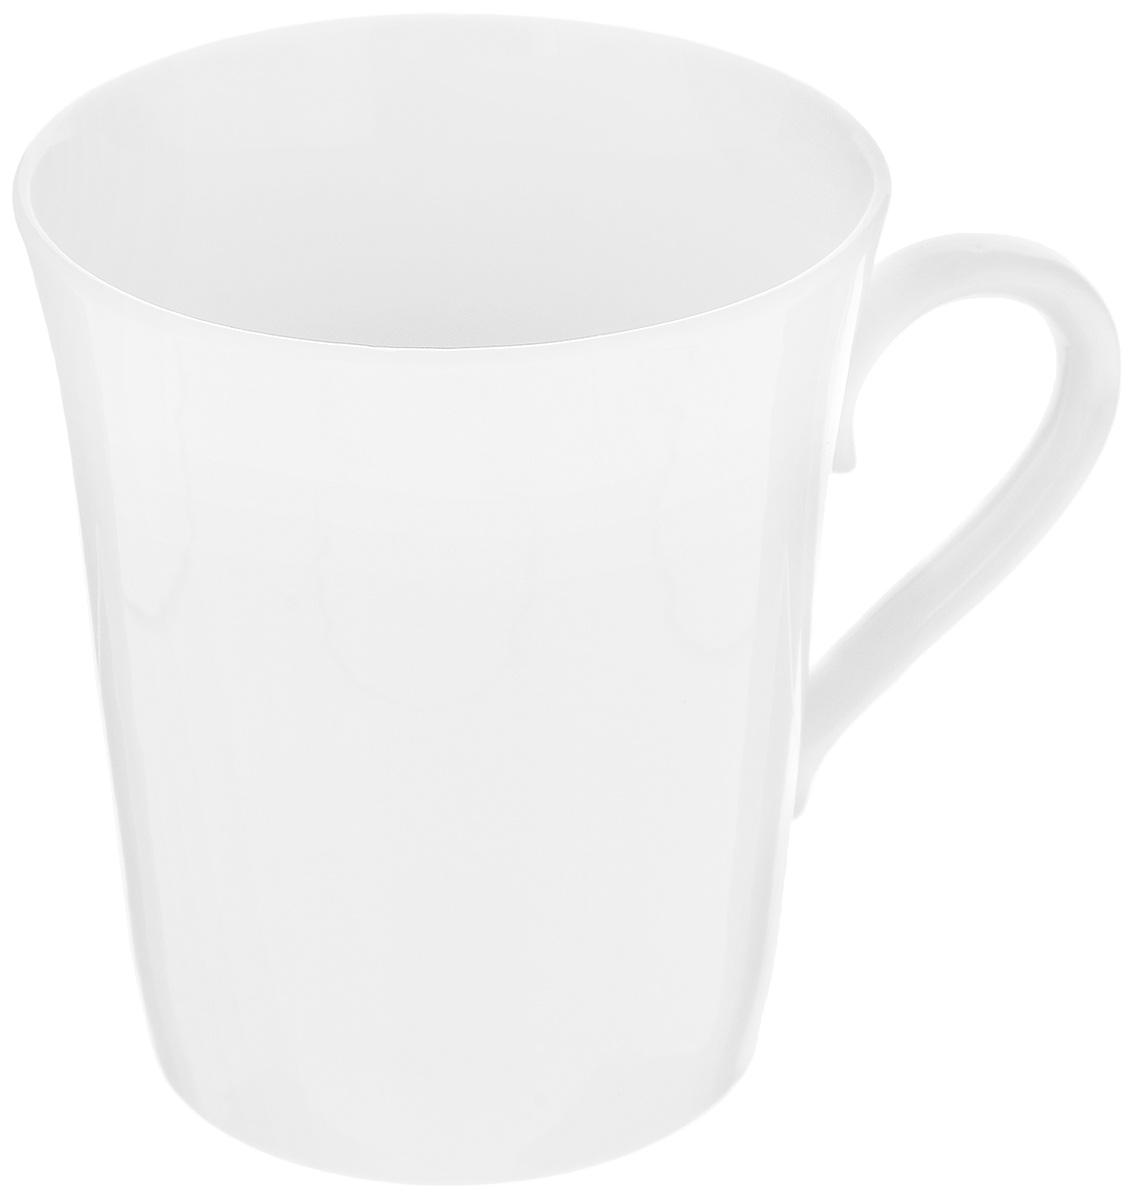 Кружка Фарфор Вербилок Ленинградский, 400 мл115510Кружка Фарфор Вербилок Ленинградский способна скрасить любое чаепитие. Изделие выполнено из высококачественного фарфора. Посуда из такого материала позволяет сохранить истинный вкус напитка, а также помогает ему дольше оставаться теплым.Диаметр по верхнему краю: 9 см.Высота кружки: 10,5 см.